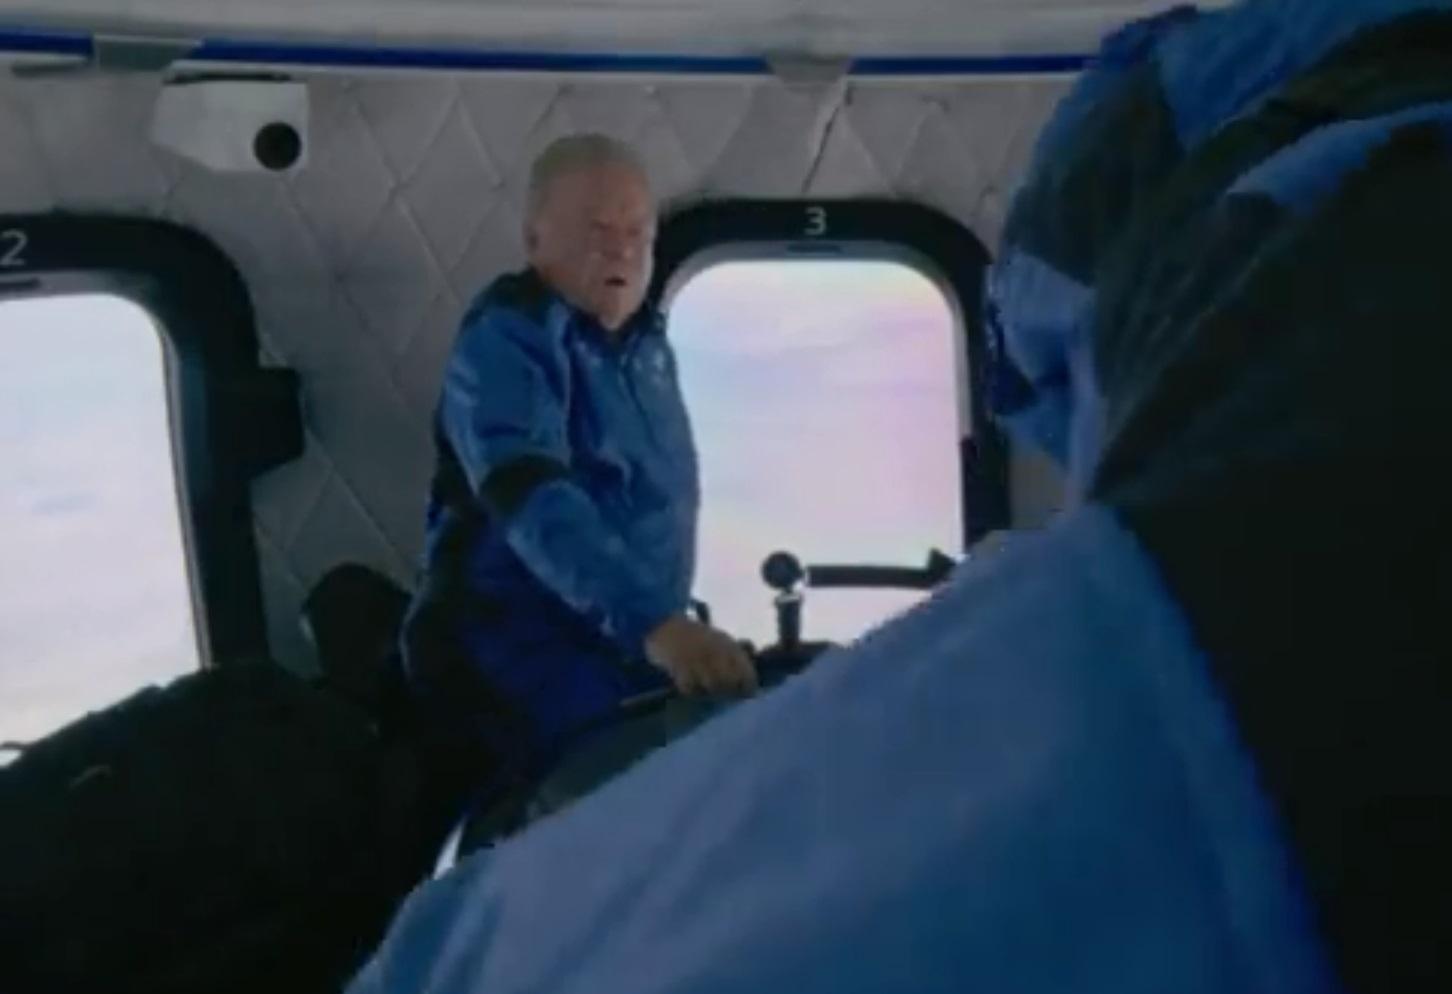 Όταν ο «Κάπτεν Κερκ» Σάτνερ γνώρισε το διάστημα - «Ω Χριστέ μου, η έλλειψη βαρύτητας...»